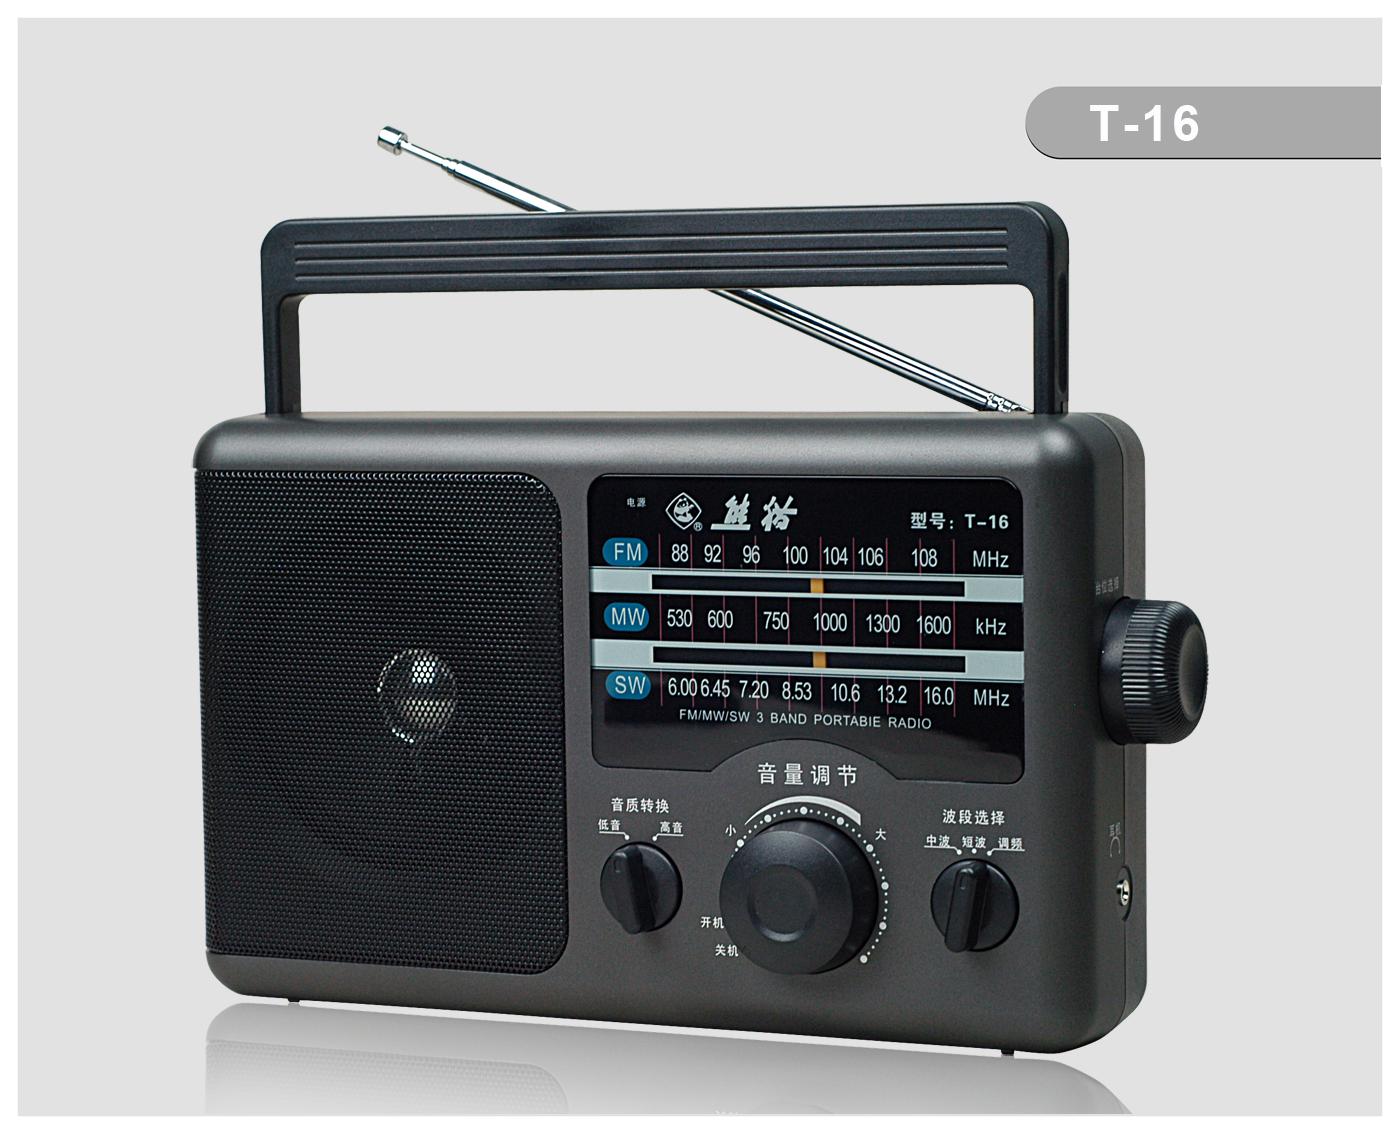 ĐÀI RADIO 3 BĂNG TẦN BẮT SÓNG TỐT  PANDA T-16 ( có cắm điện nguồn)